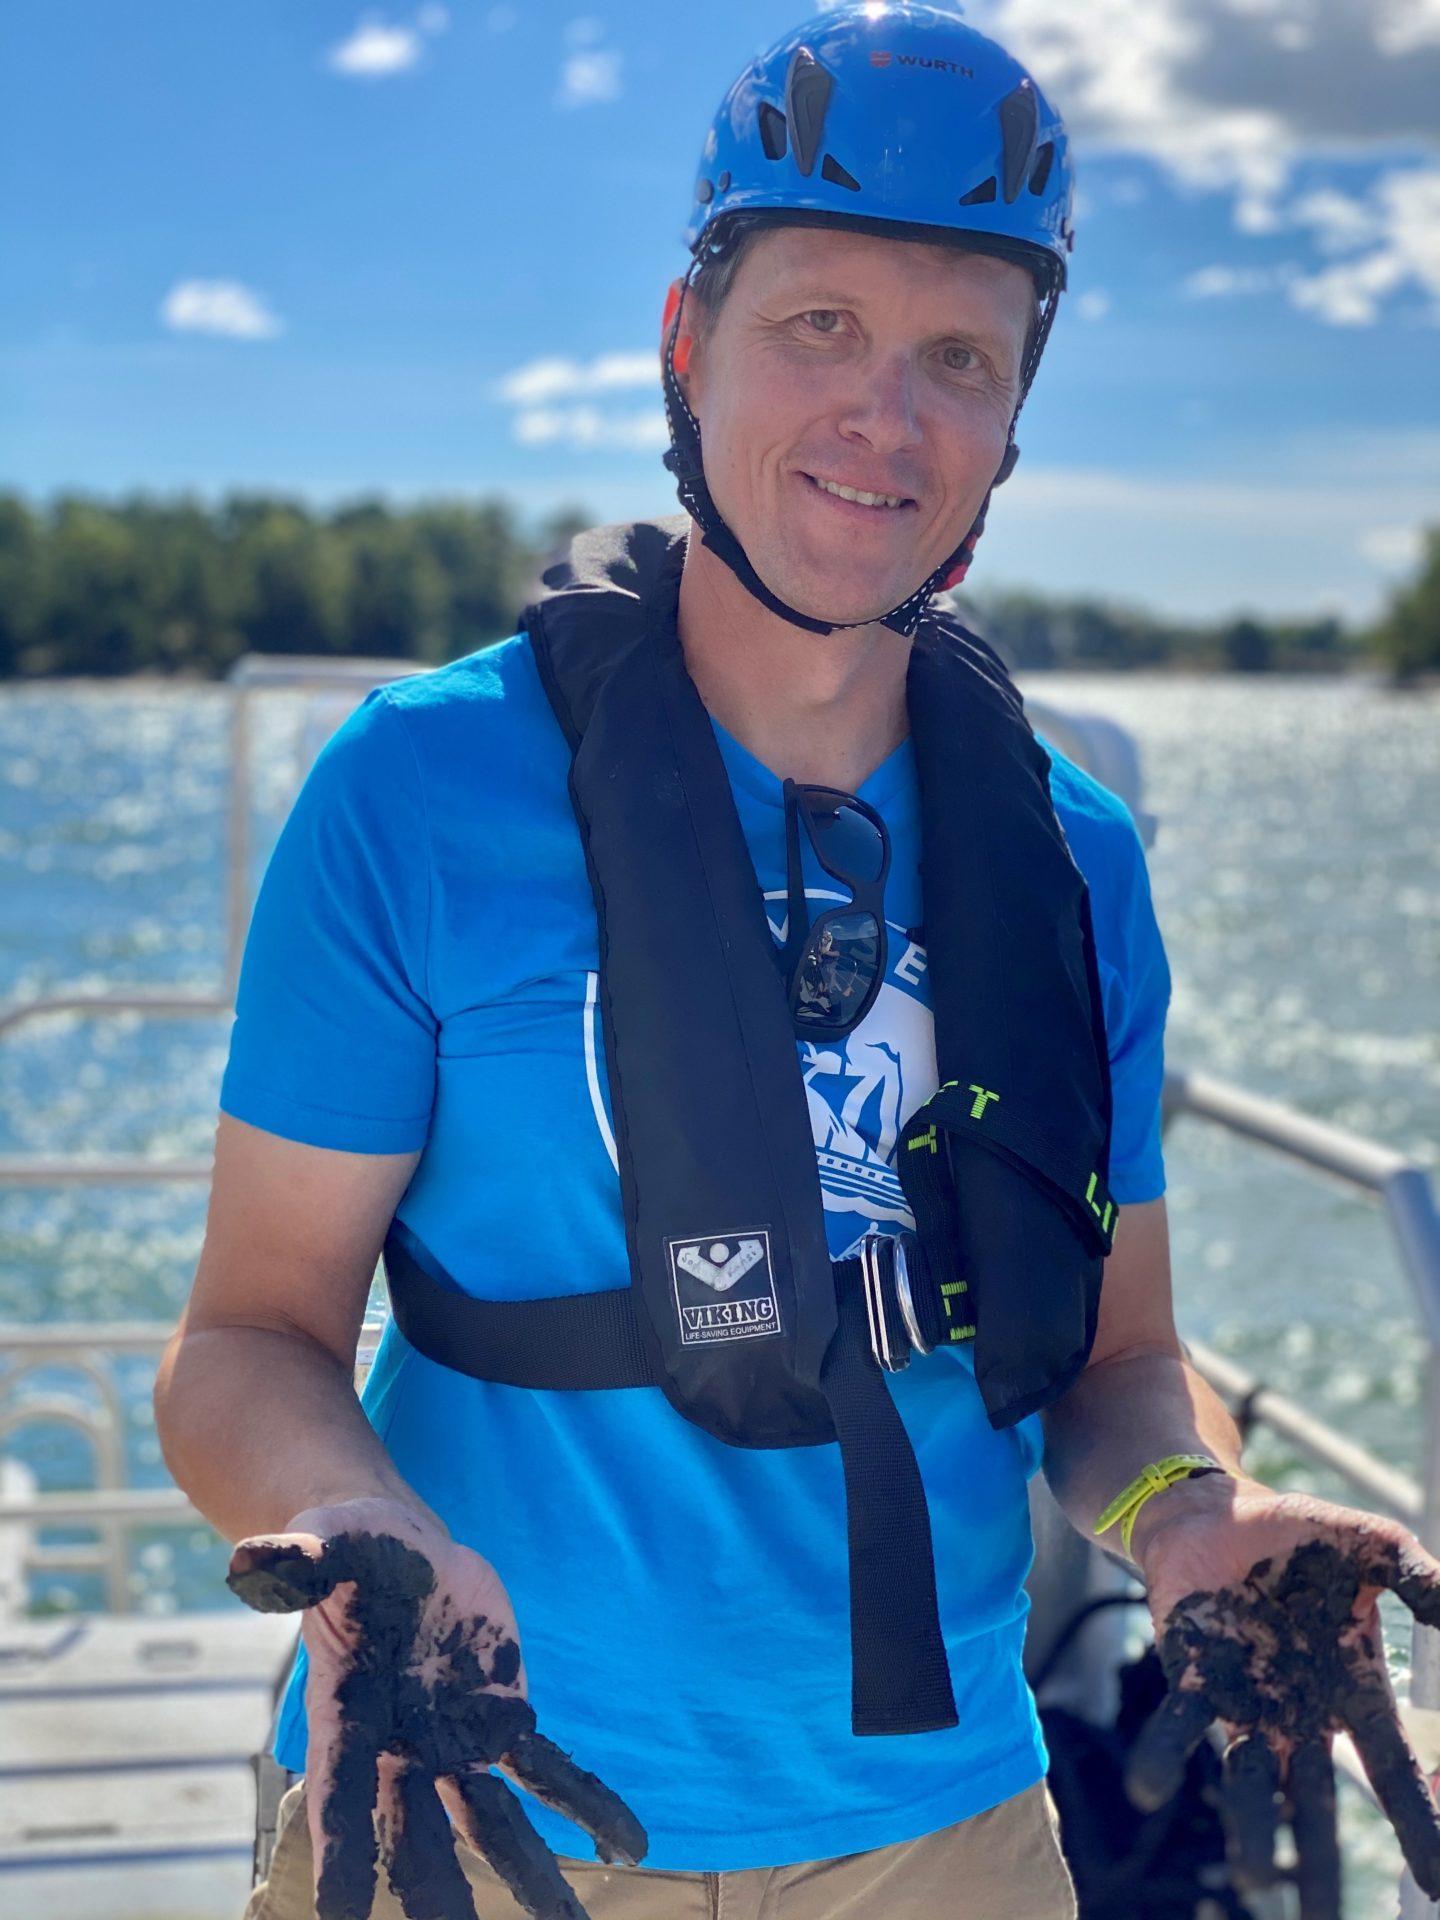 Tommi Juusela Itämeripäivänä Tvärminnessä R/V Augustalla. Käsissä pohjasedimenttiä. Kuva: Alf Norkko.